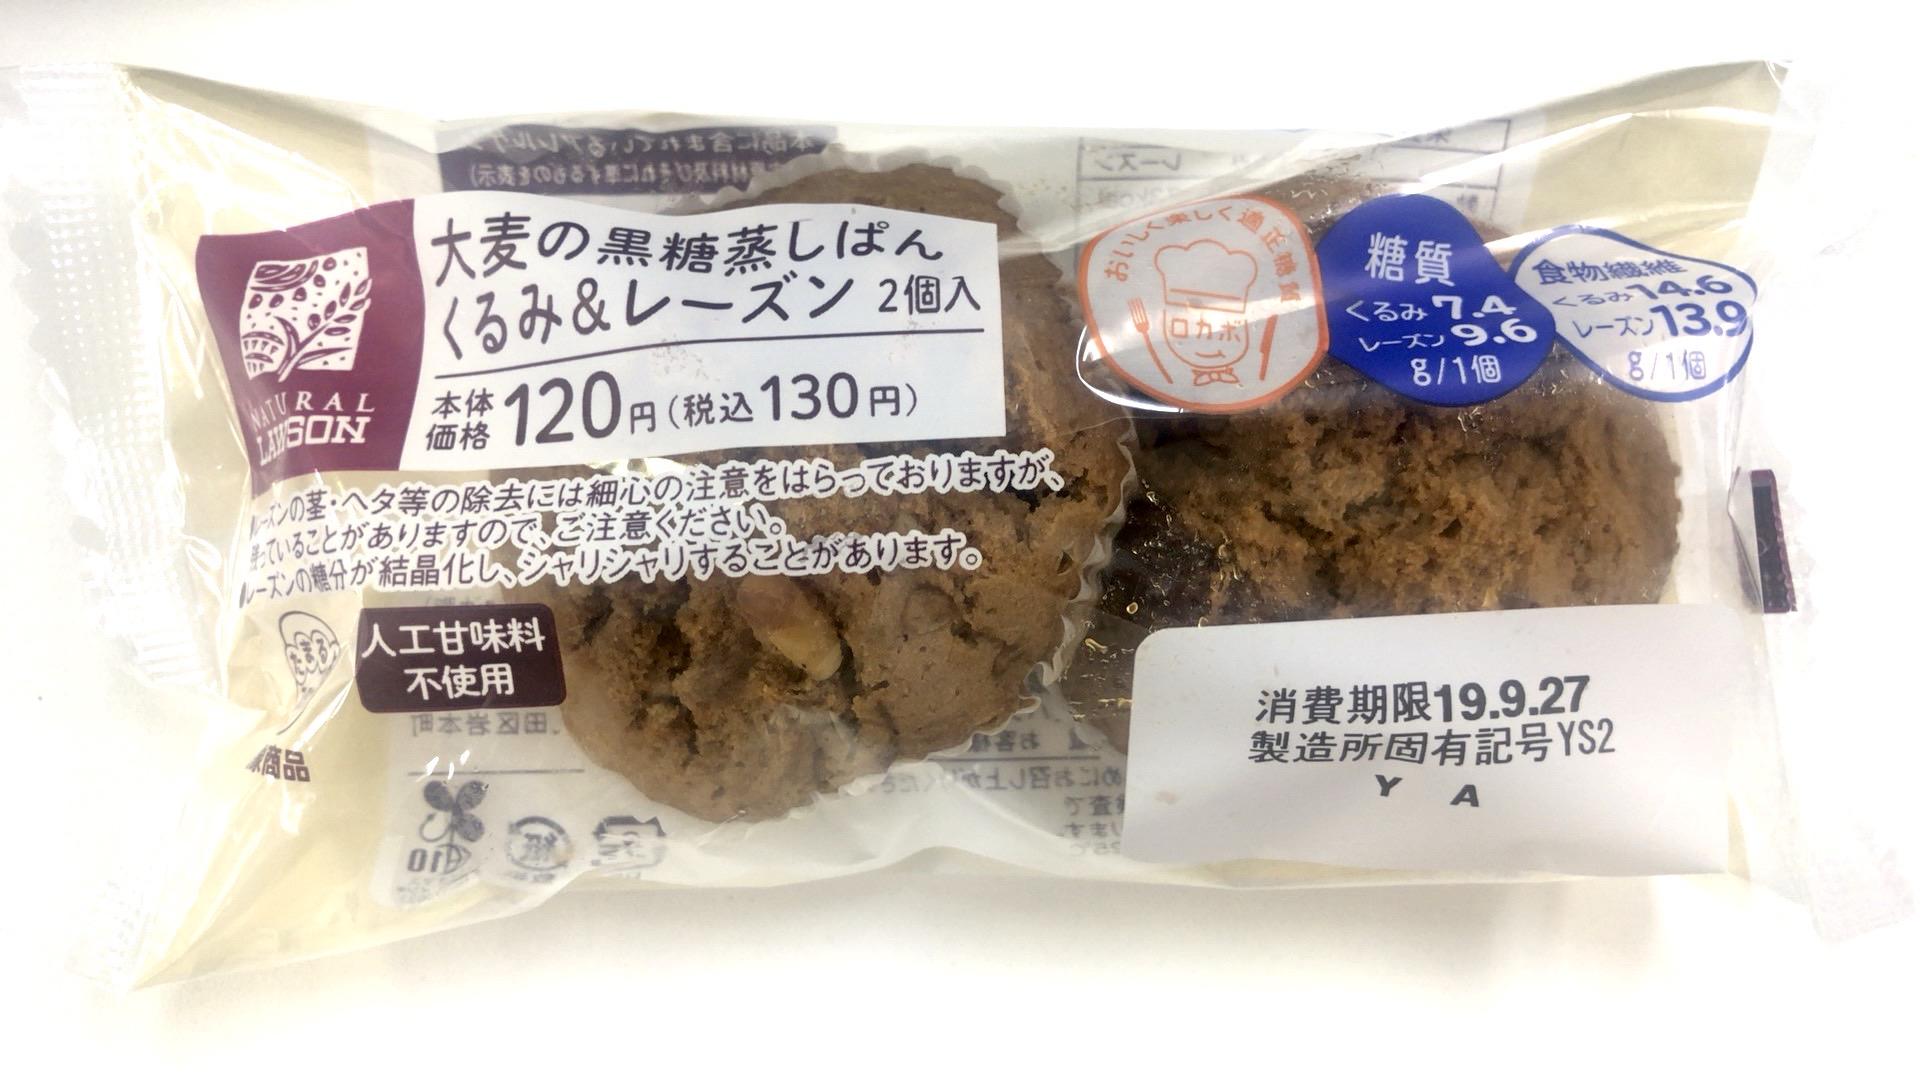 【ローソン】キャベツ19倍の食物繊維!低カロリーなモチモチ黒糖蒸しパン